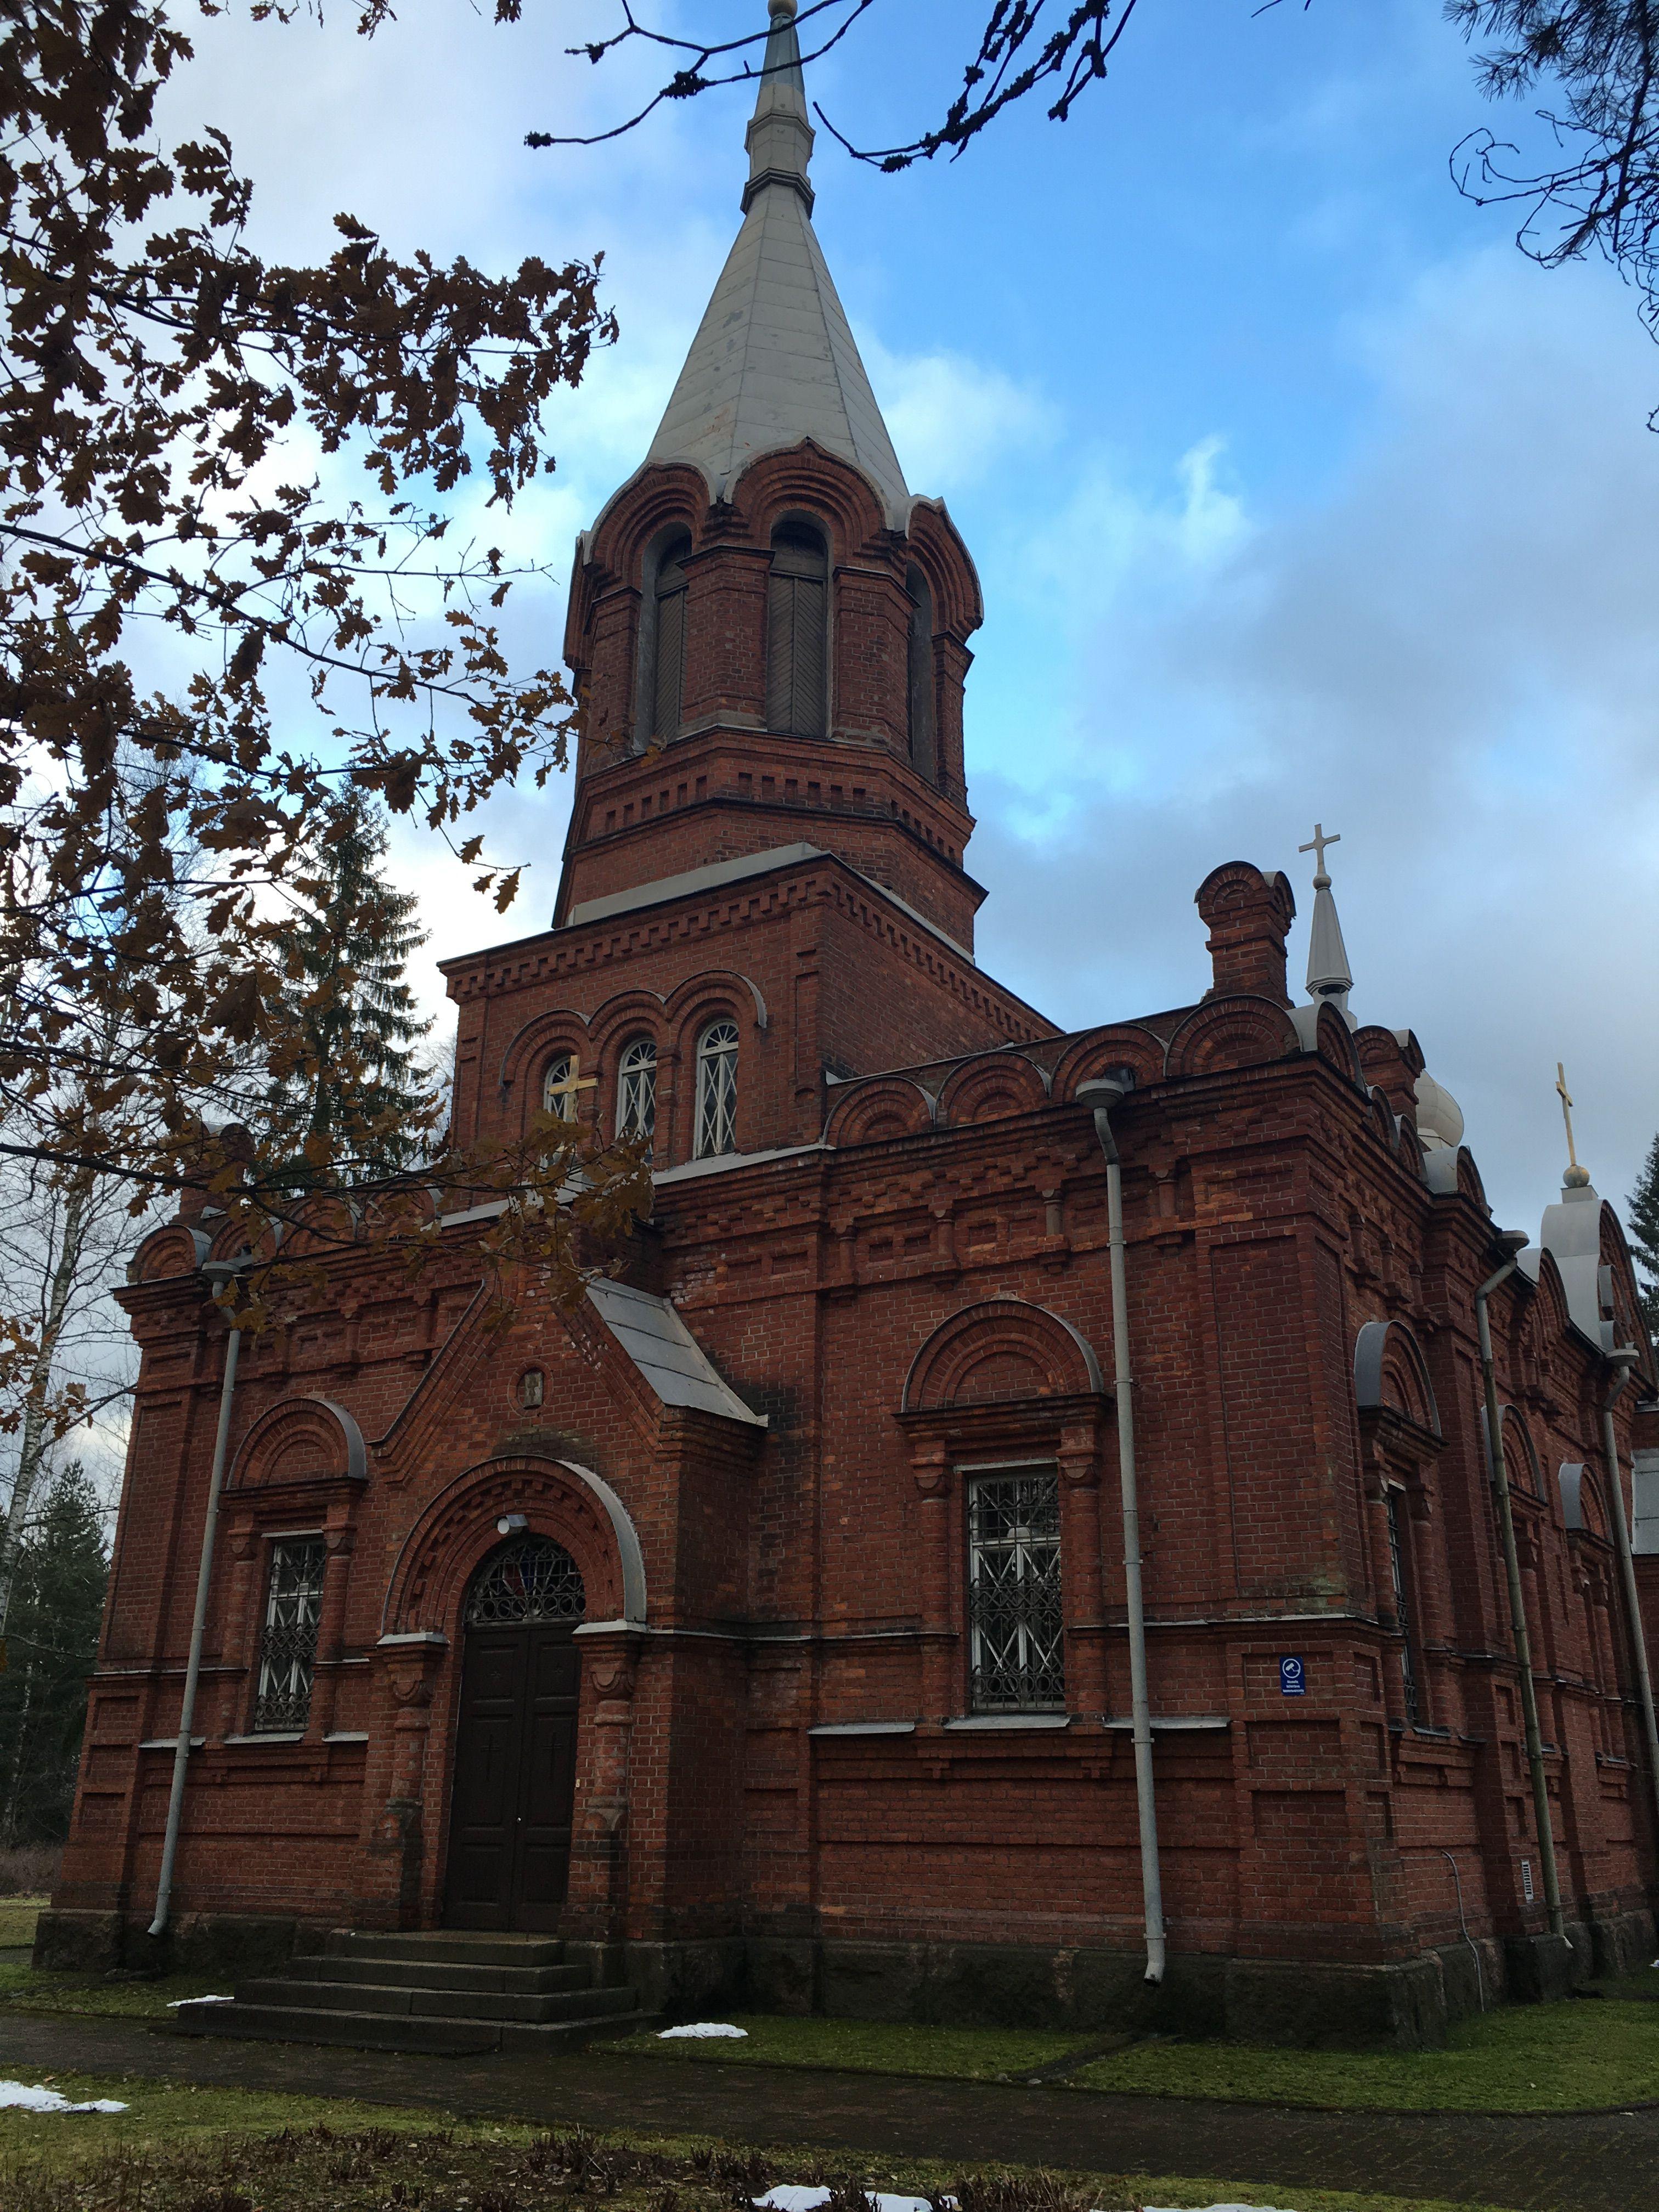 Pyhän Ristin kirkko (Kouvola)